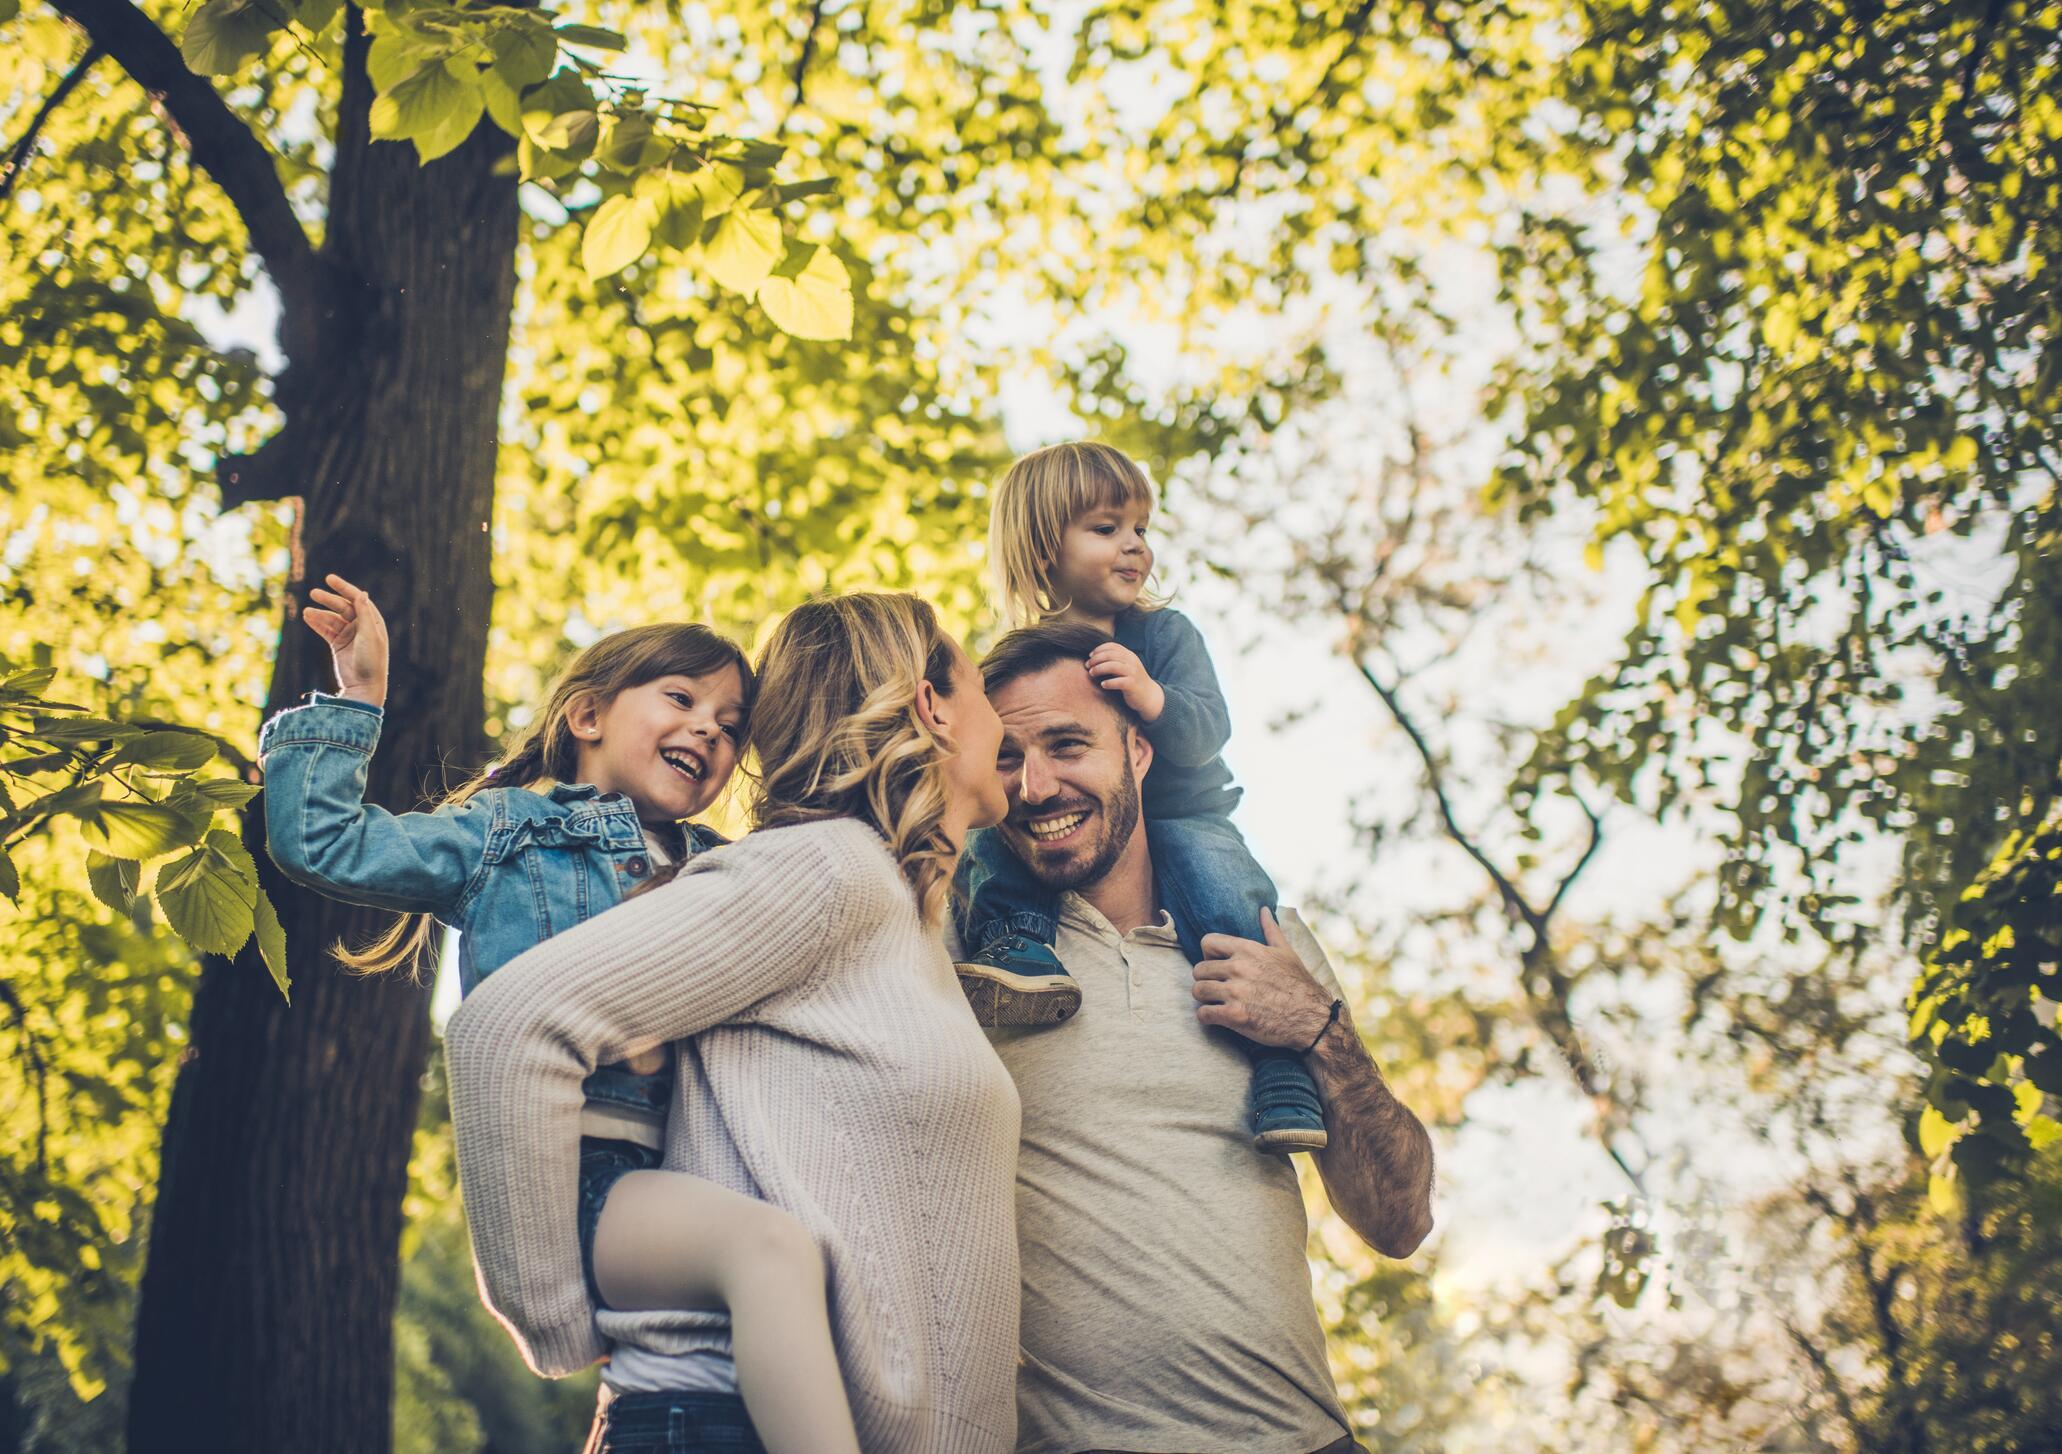 Bild zu Eltern mit ihren zwei Kindern sind im Wald